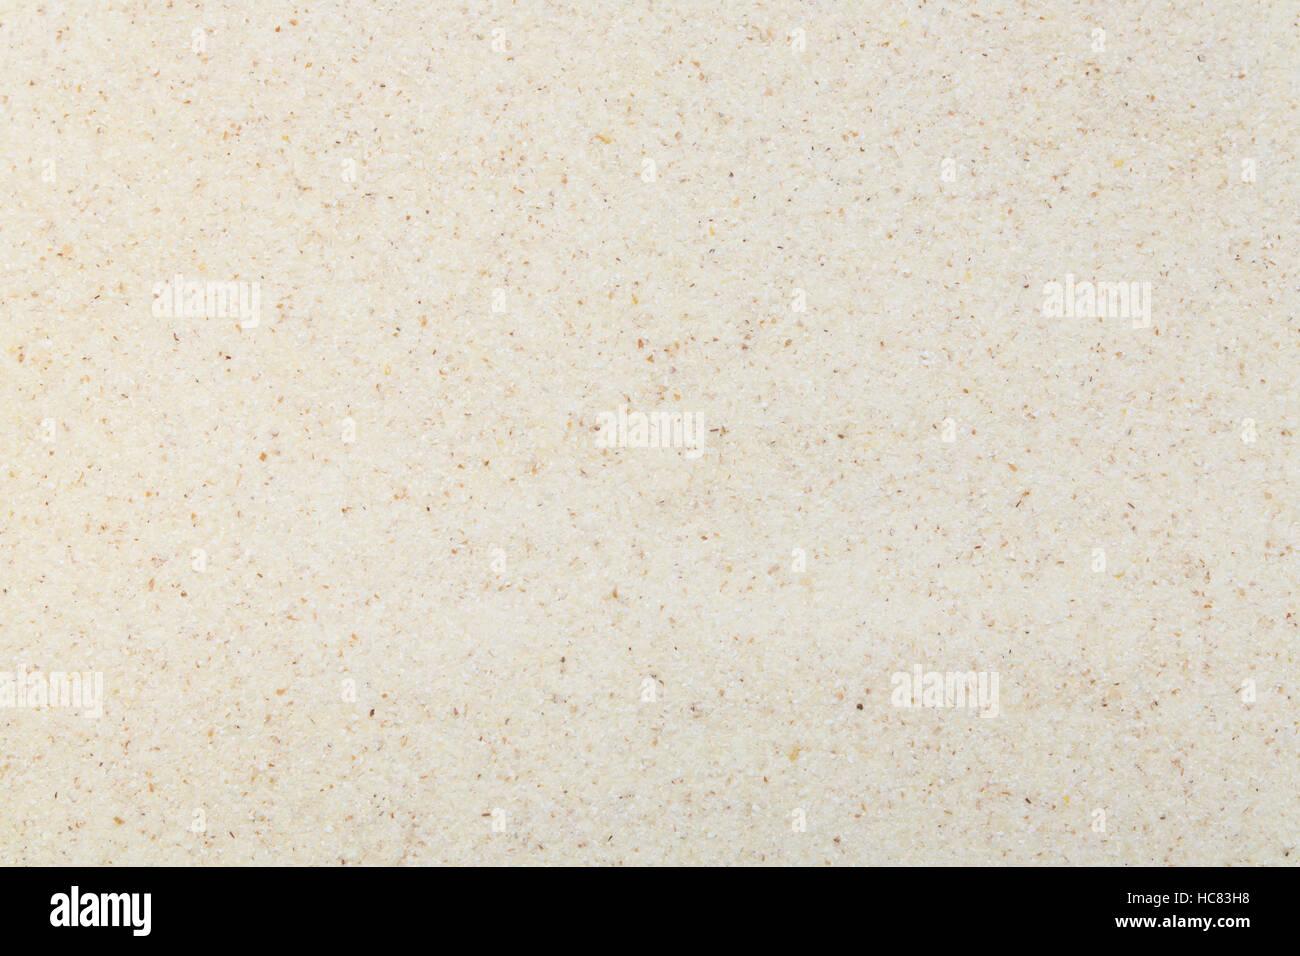 Di semola o manna-groppa sfondo, texture Immagini Stock